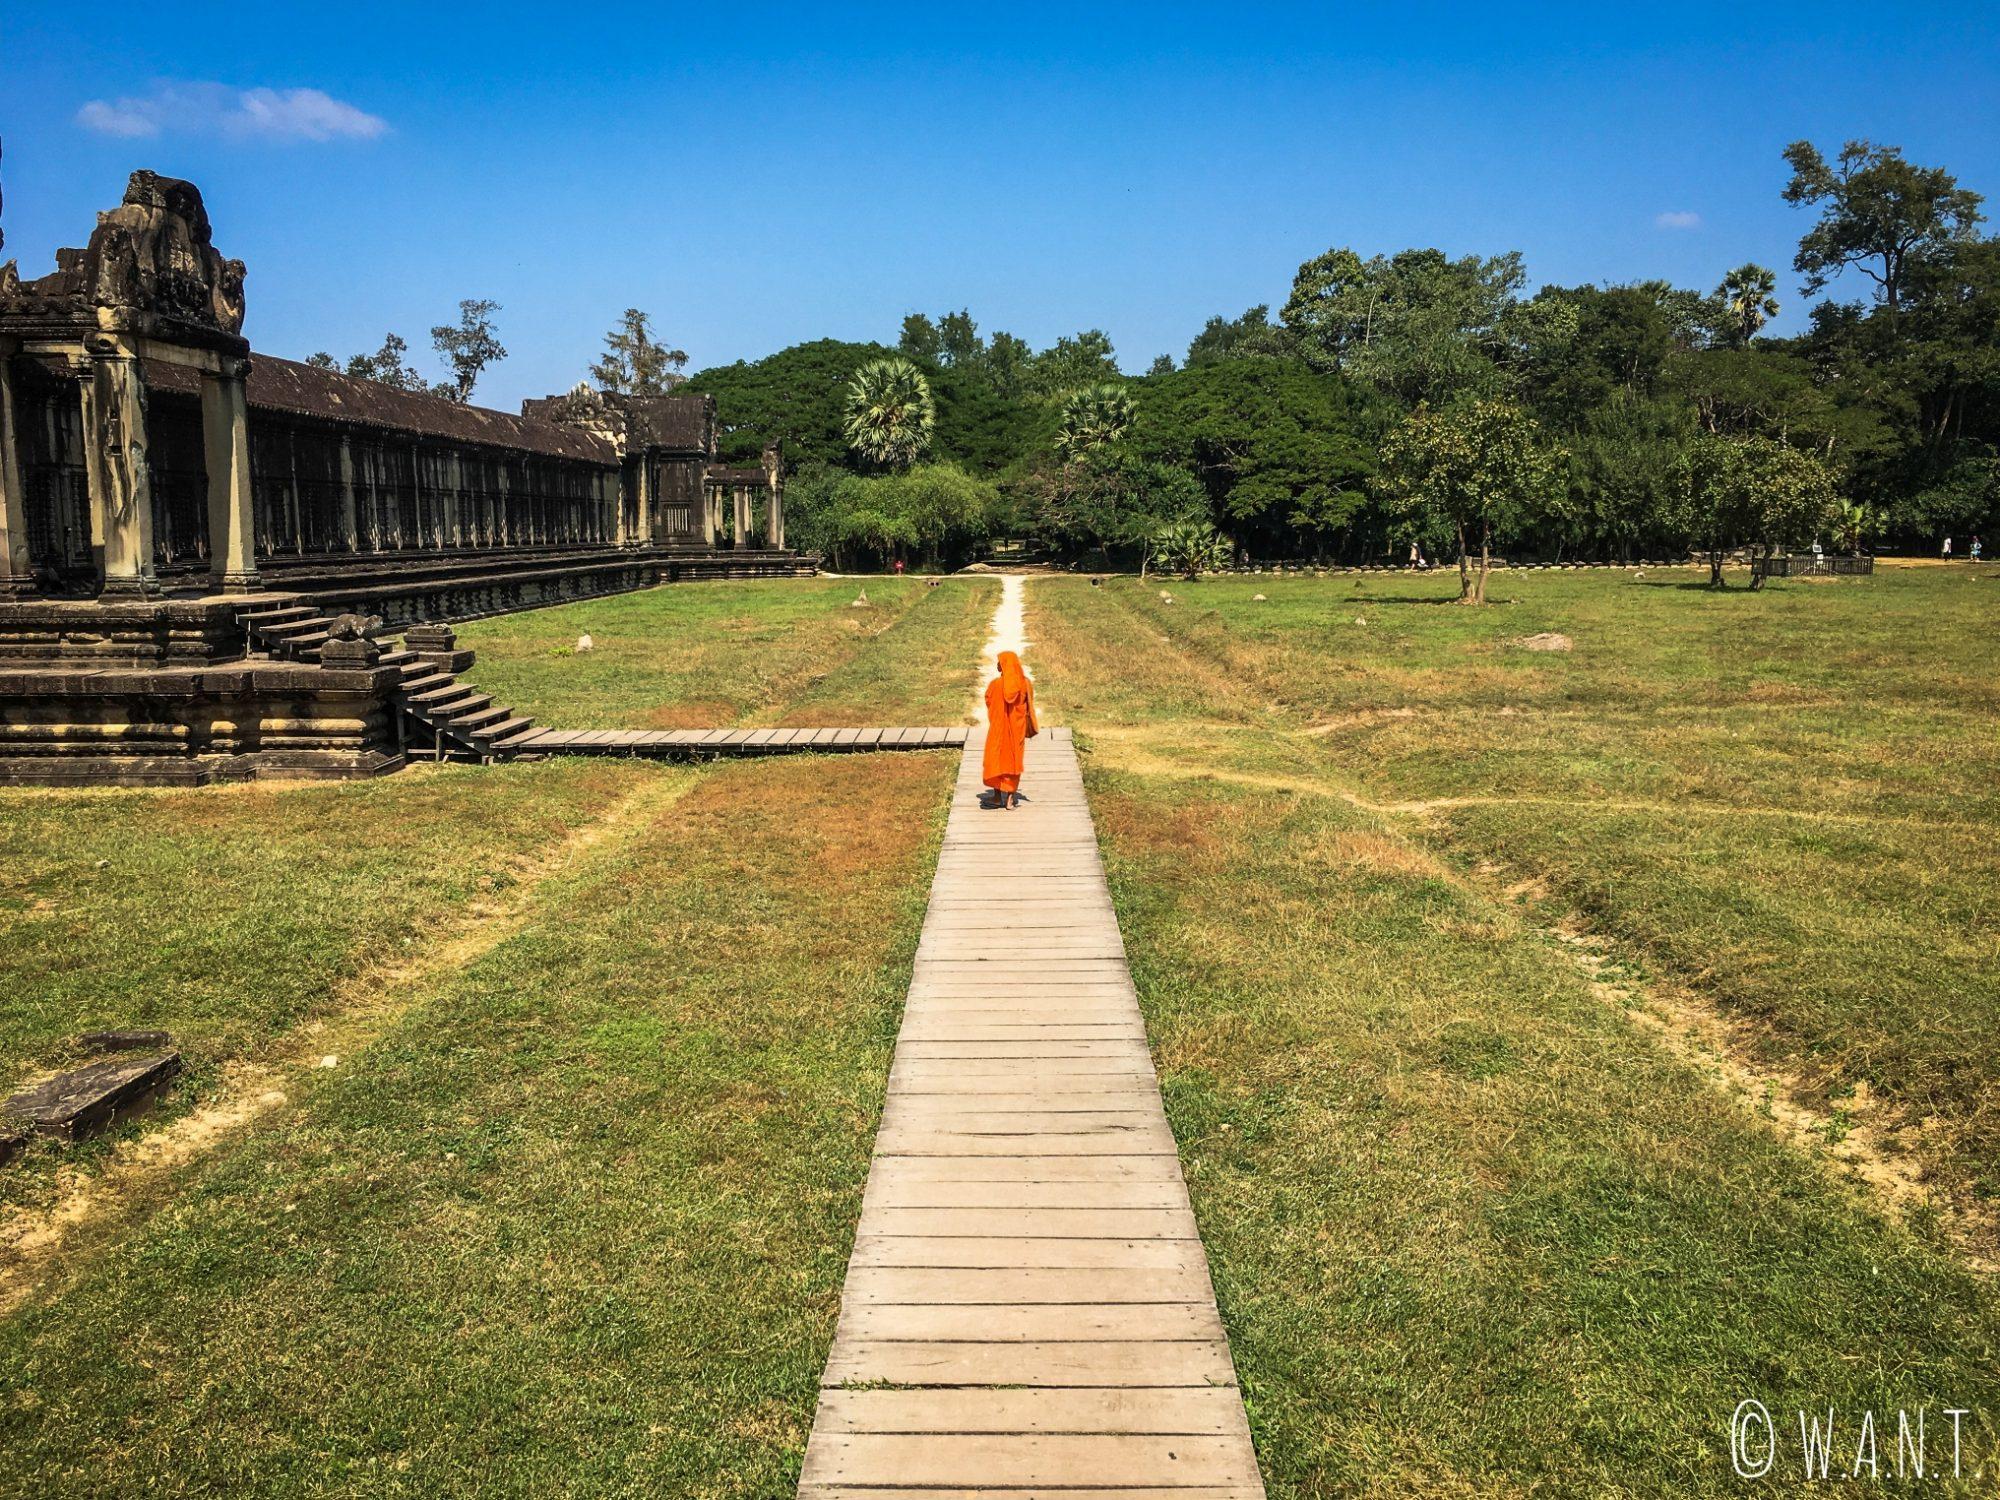 Moine dans les jardins d'Angkor Wat à Siem Reap